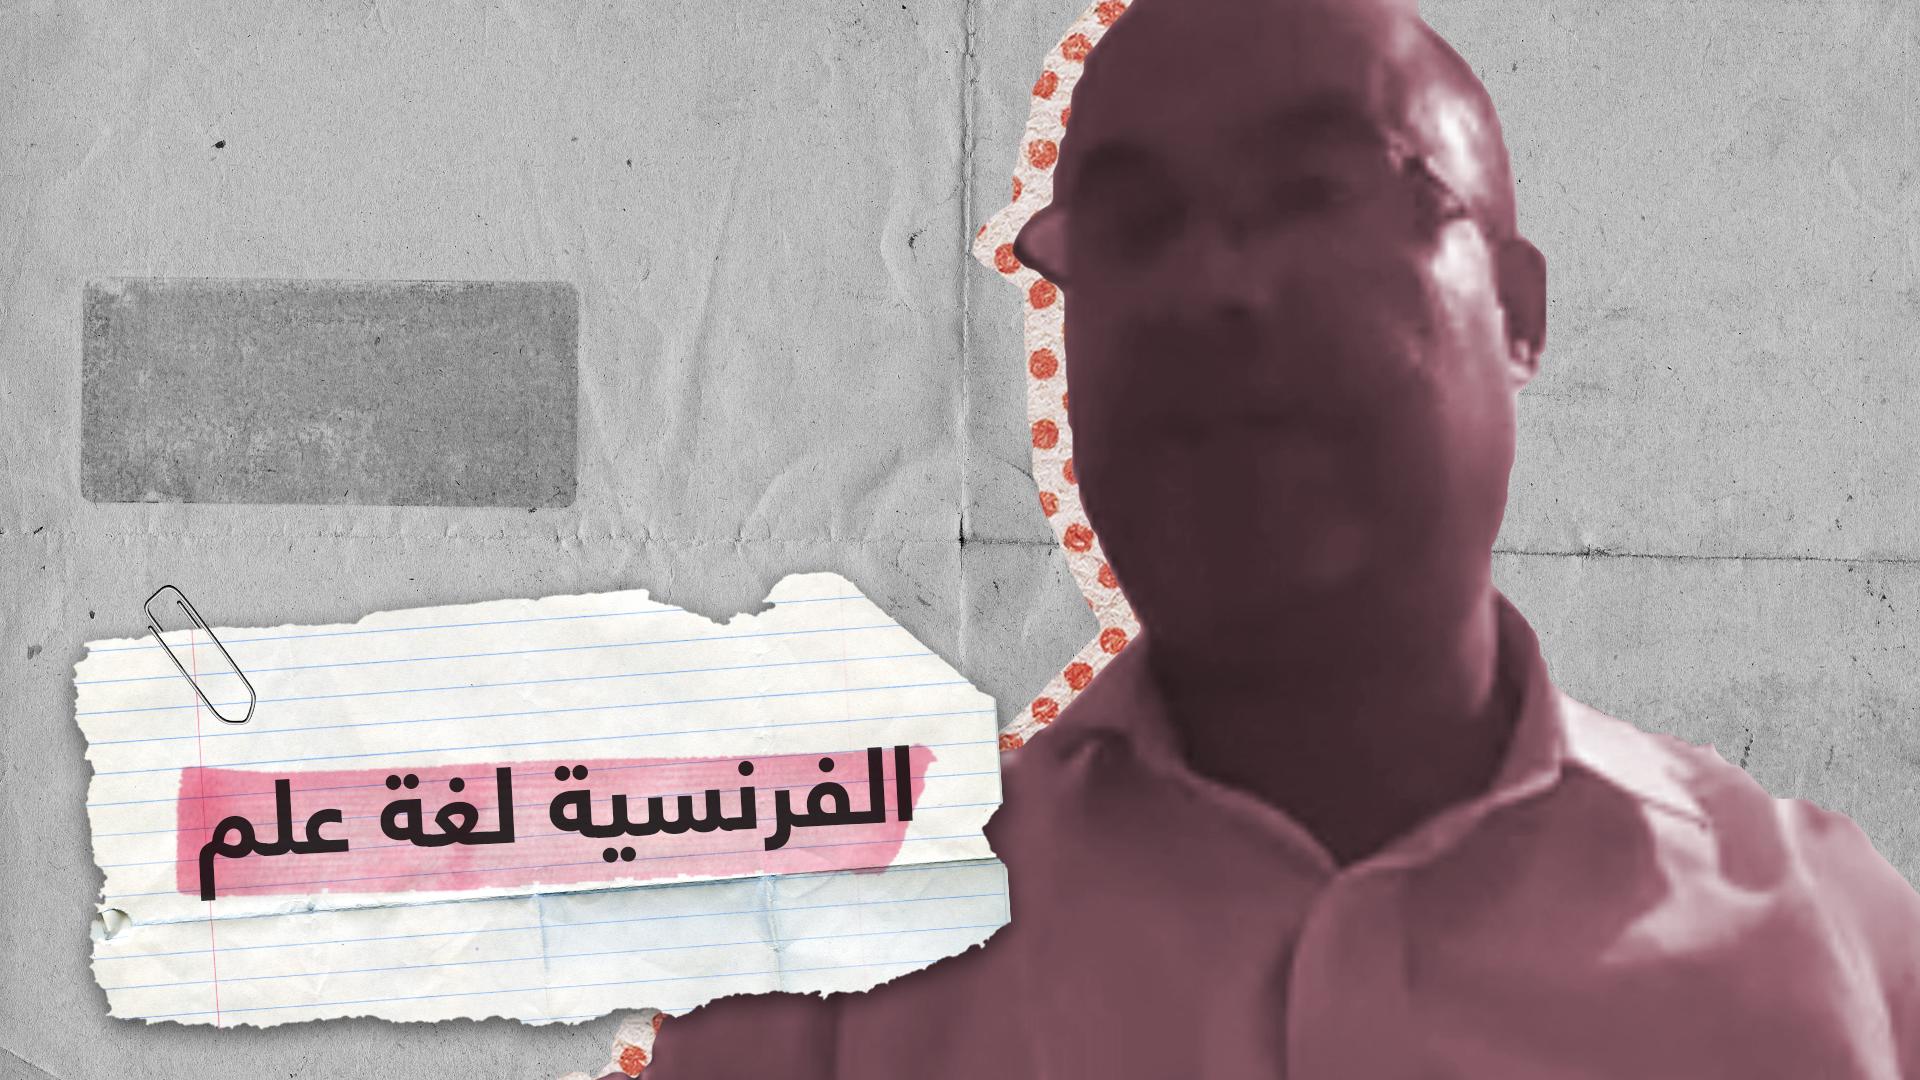 كاتب صحفي جزائري: الفرنسية لغة علم ومن يقولون عكس ذلك